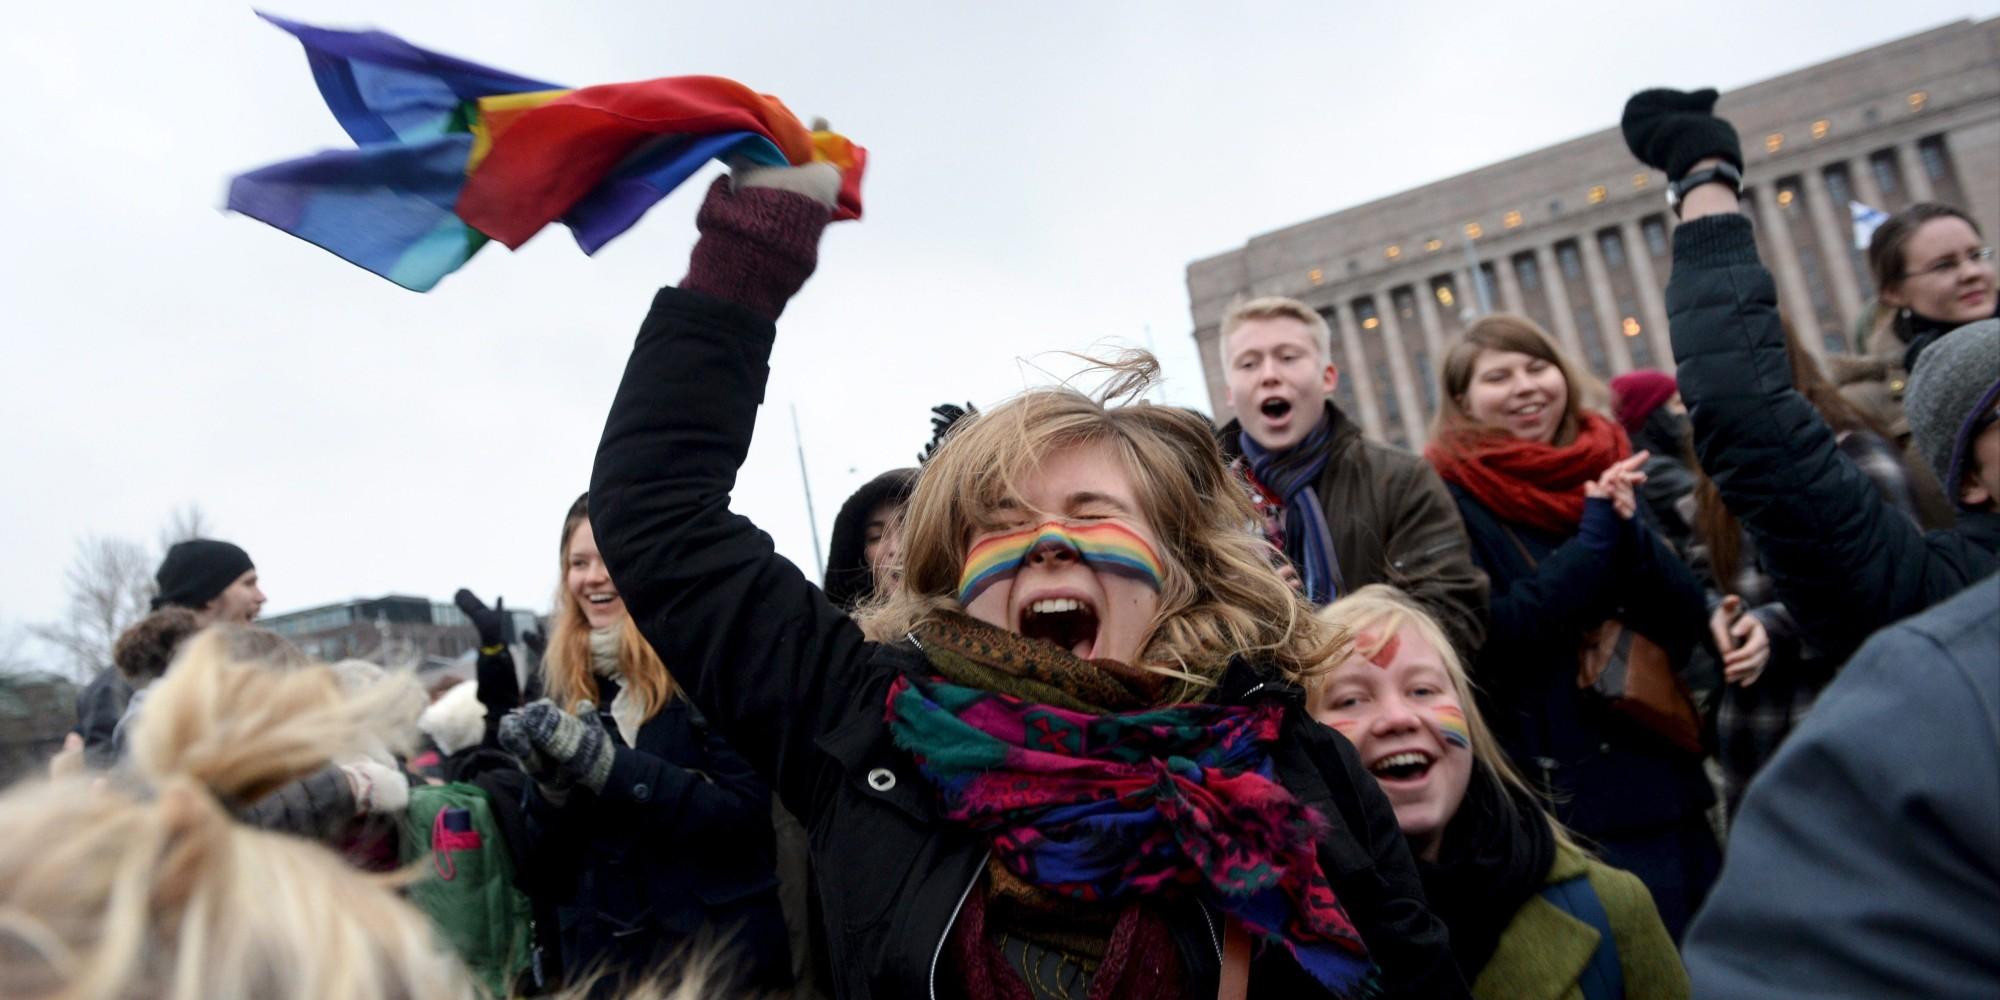 Finlandeses comemorando a votação sobre o casamento gay - Foto: MIKKO STIG/AFP/Getty Images